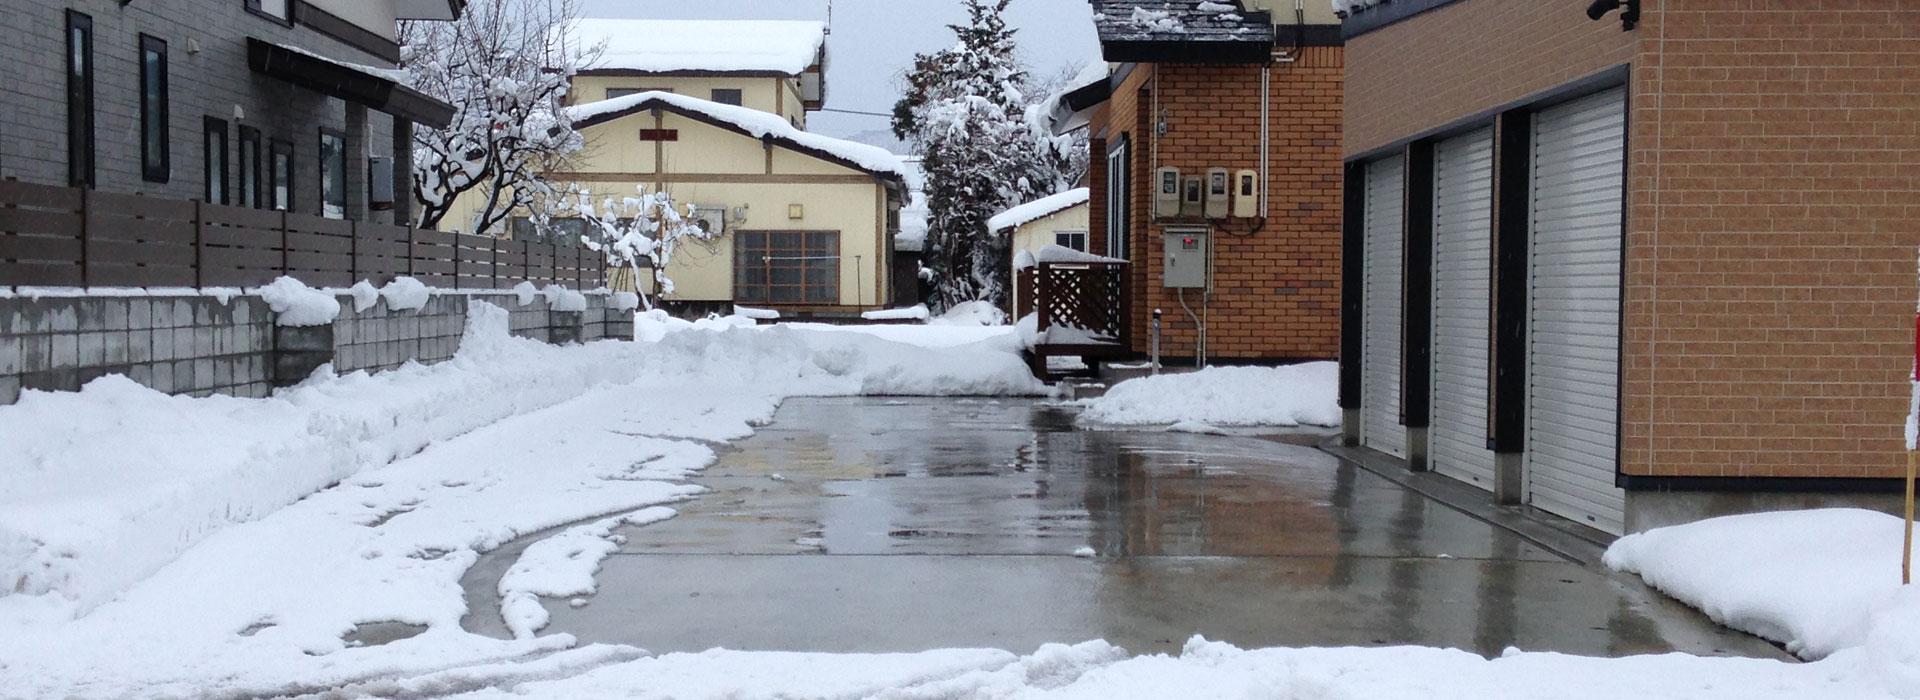 無散水消雪、ロードヒーティング、屋根融雪